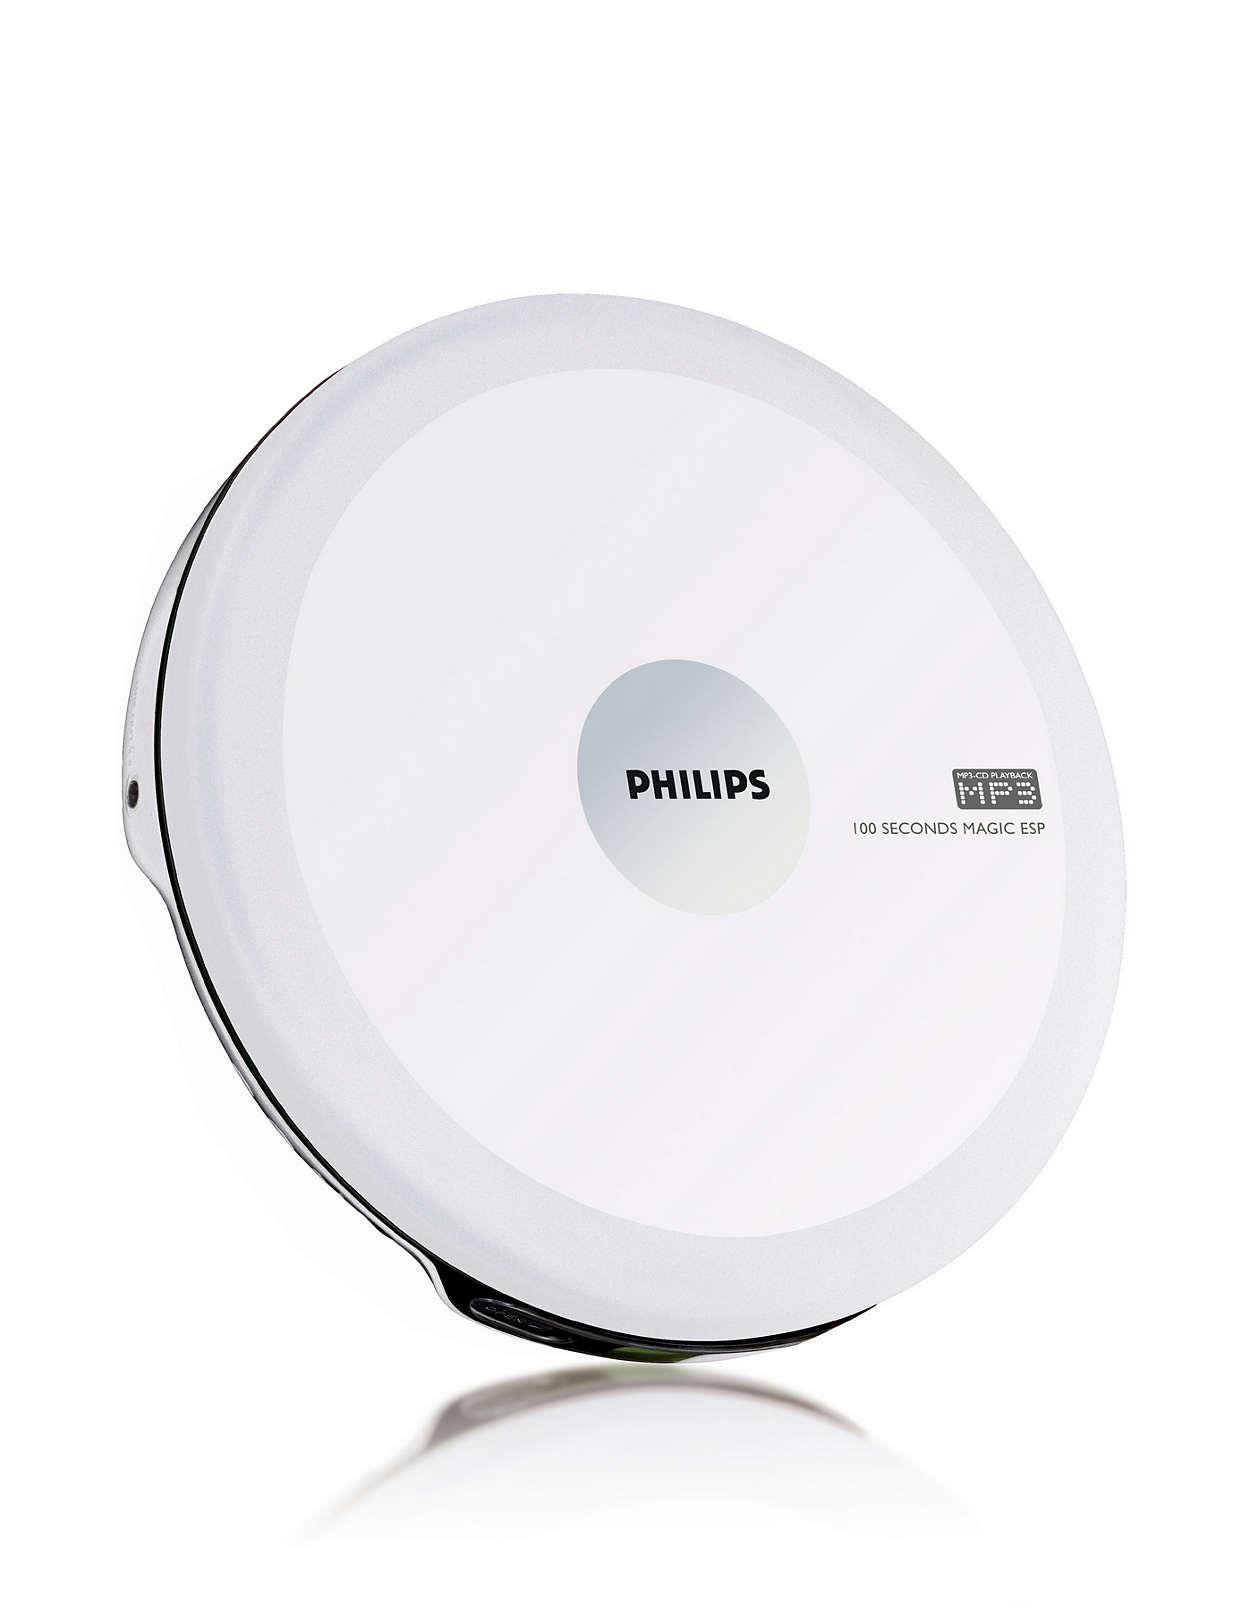 Nyt MP3-musikk uten avbrudd